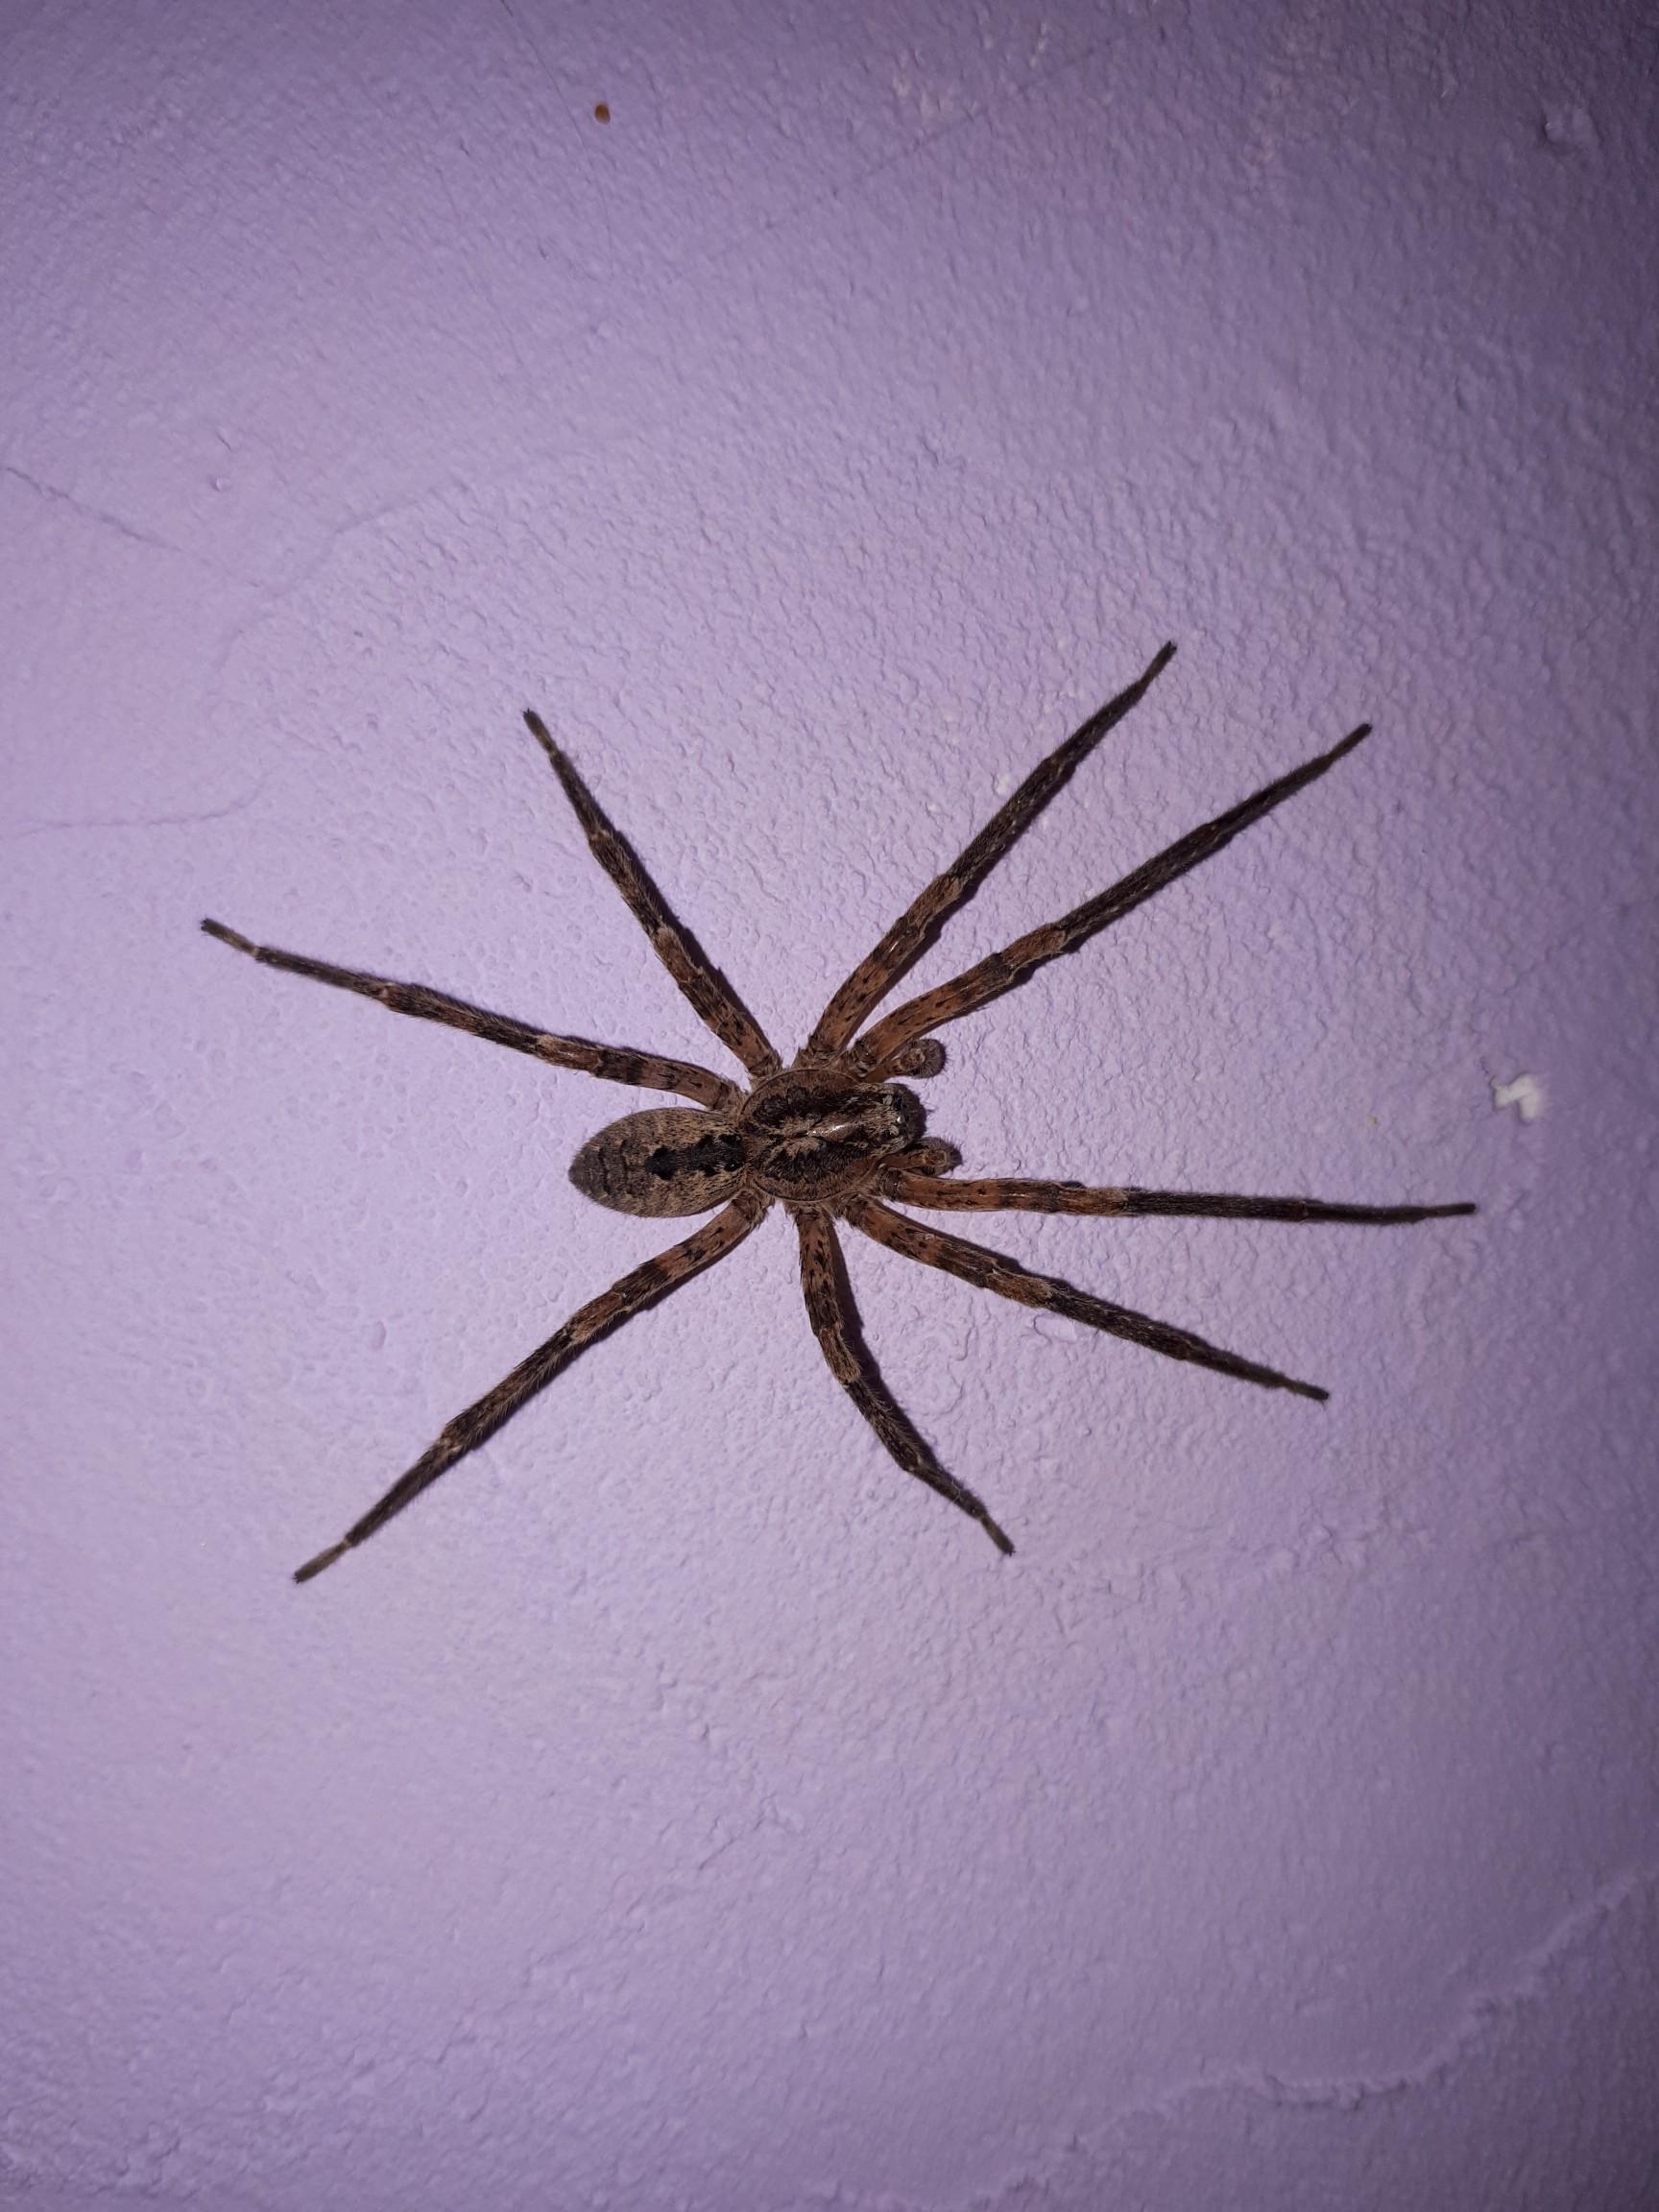 Fullsize Of Giant House Spider